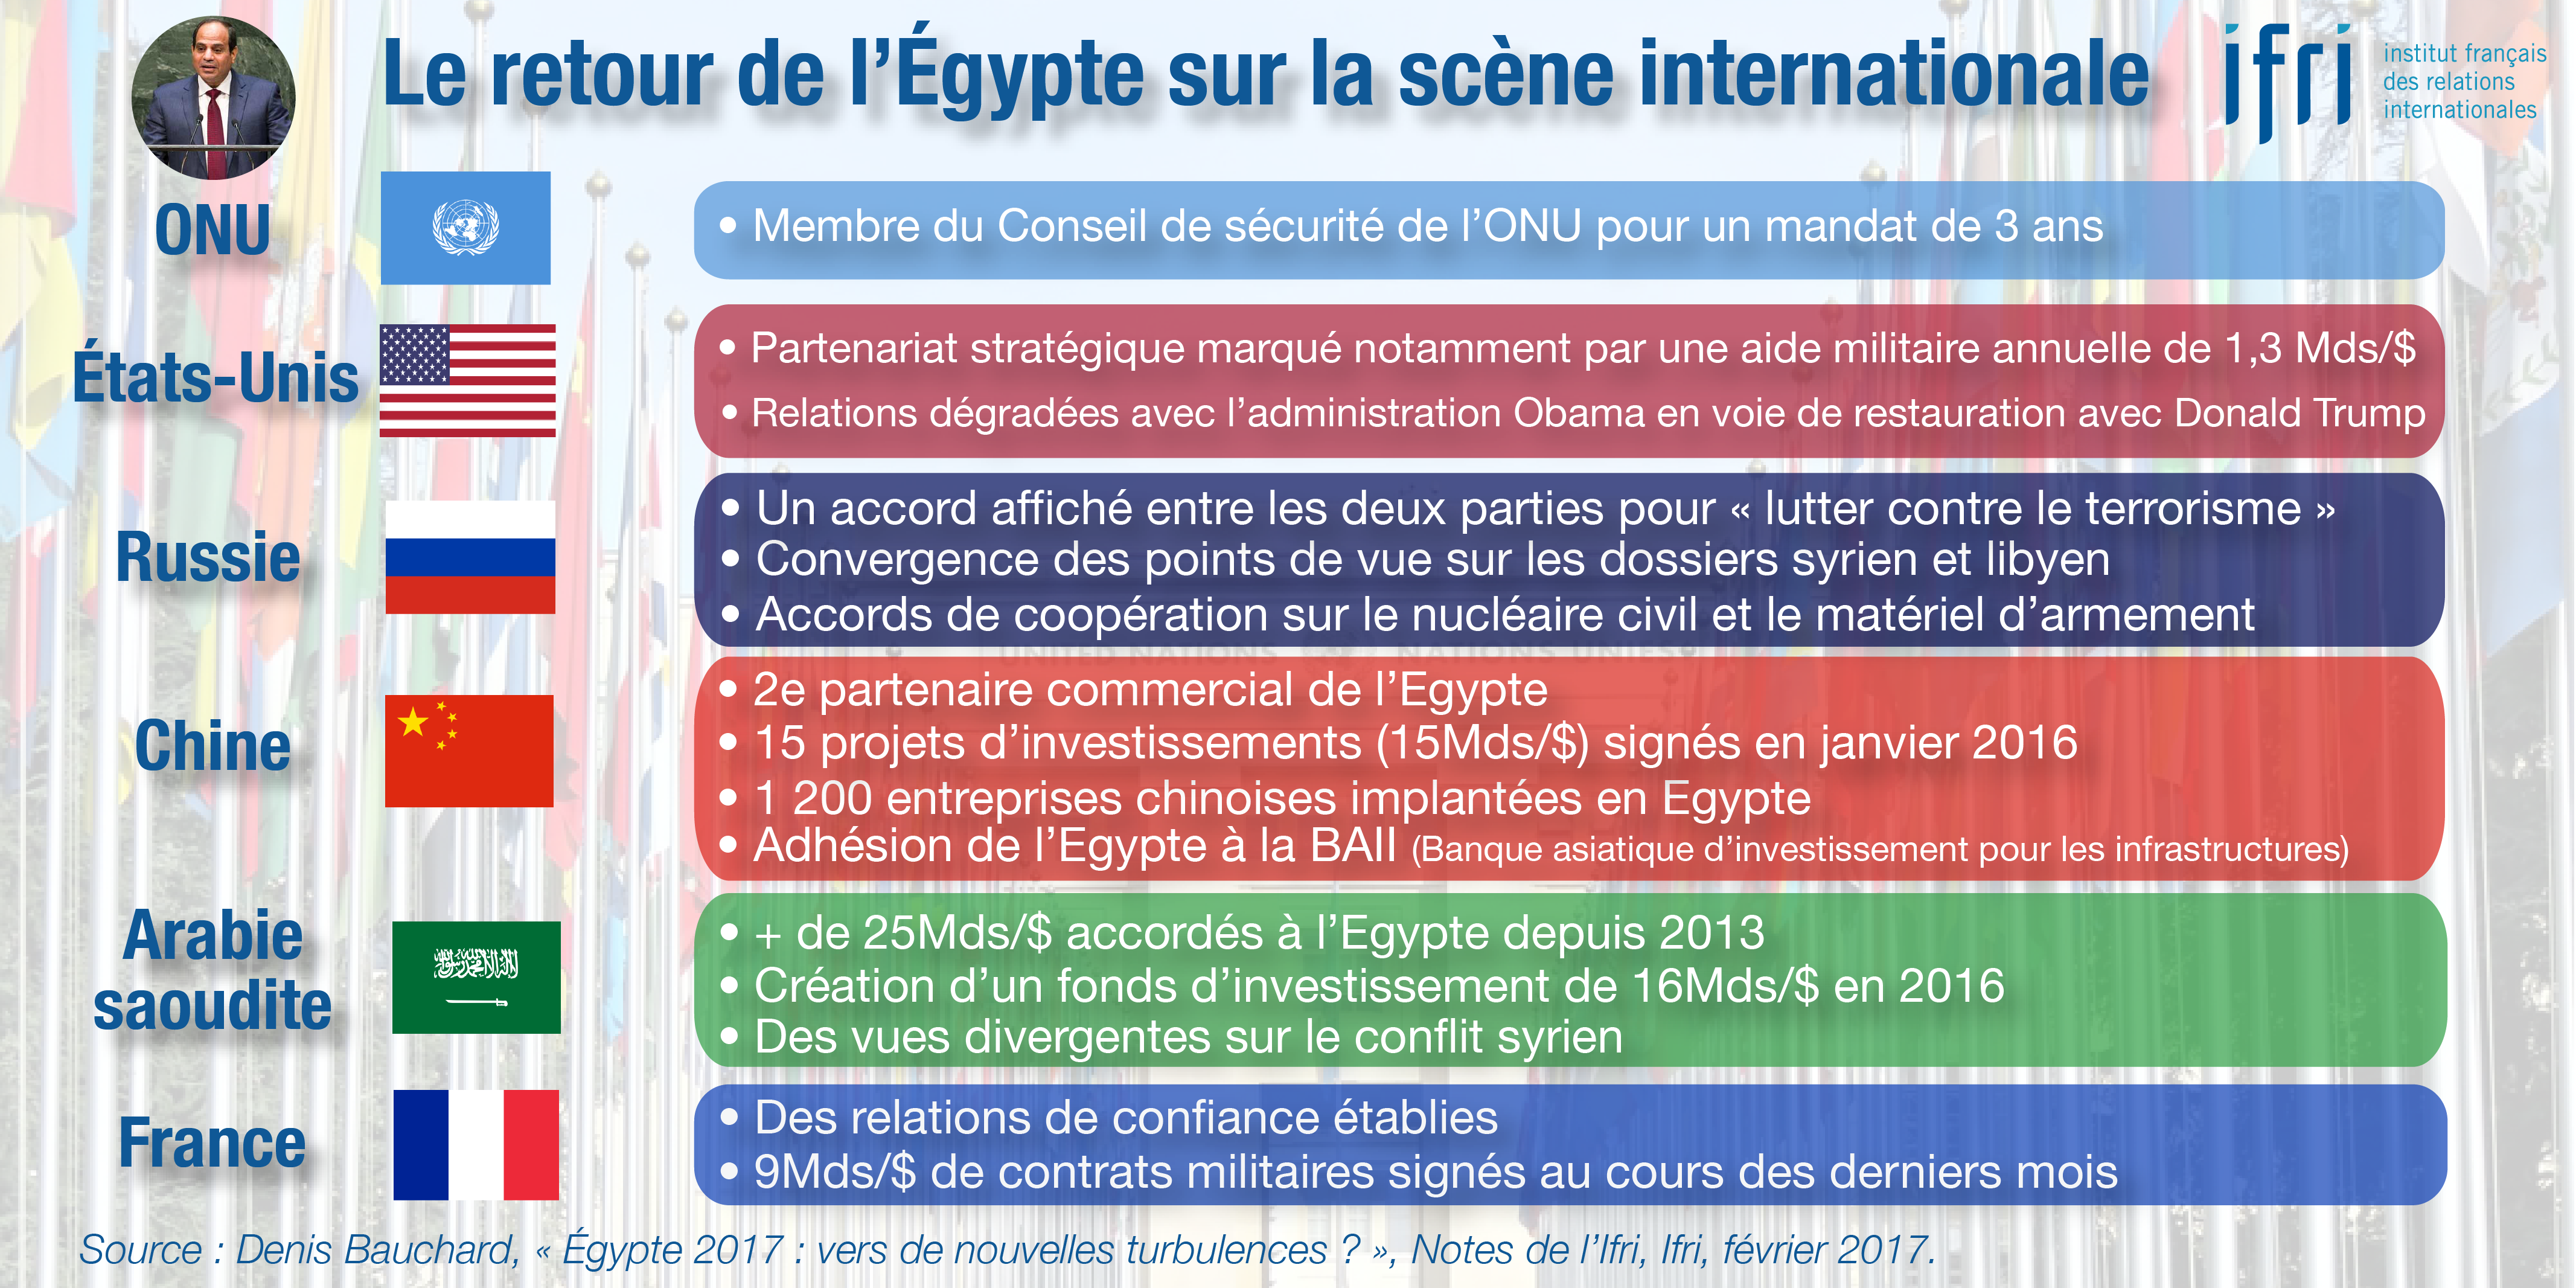 Le retour de l'Egypte sur la scène internationale